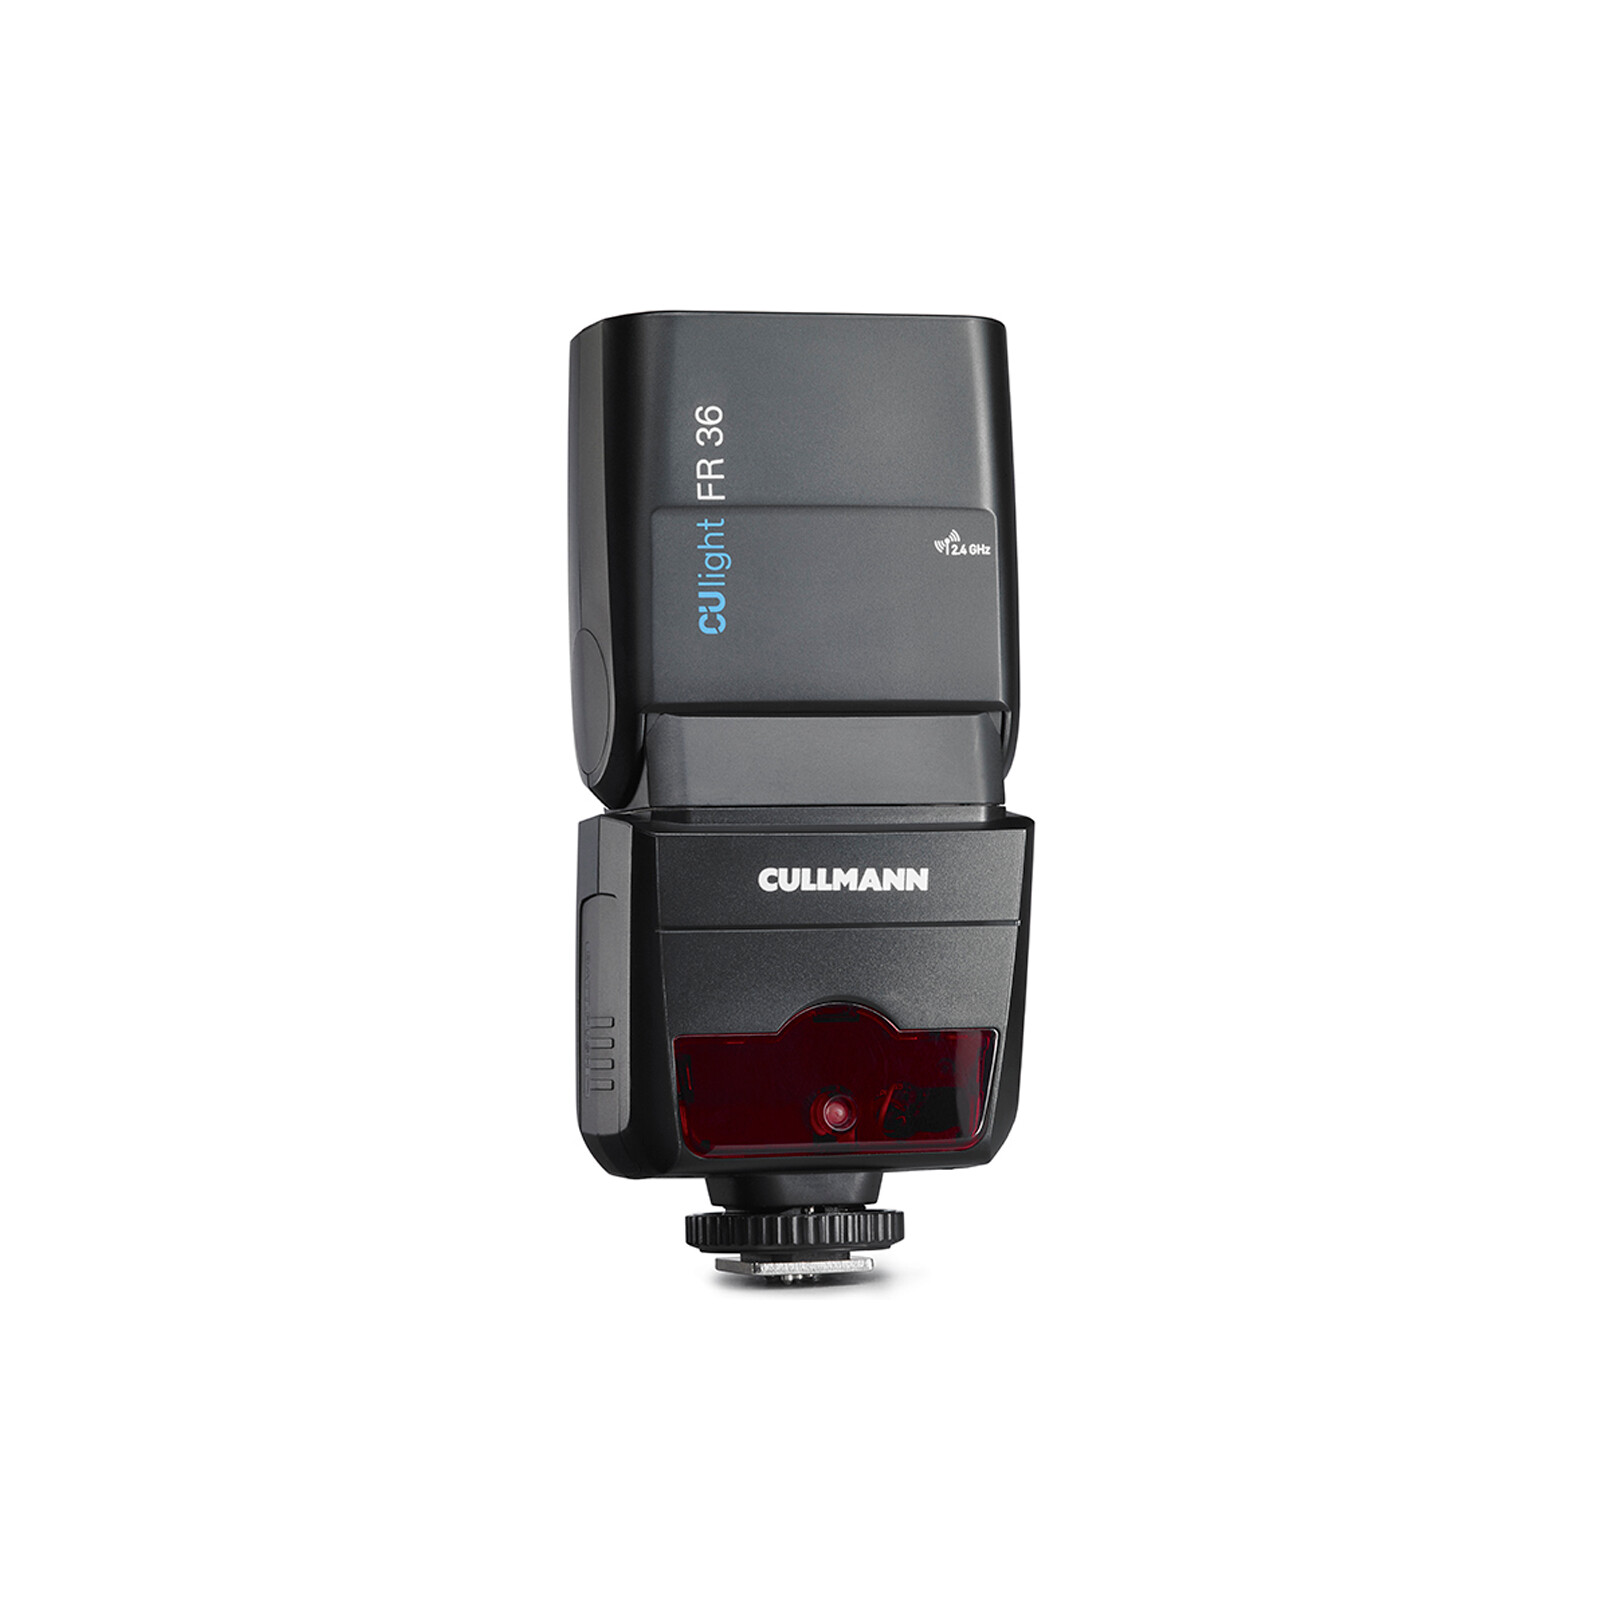 Cullmann Culight FR 36 Canon